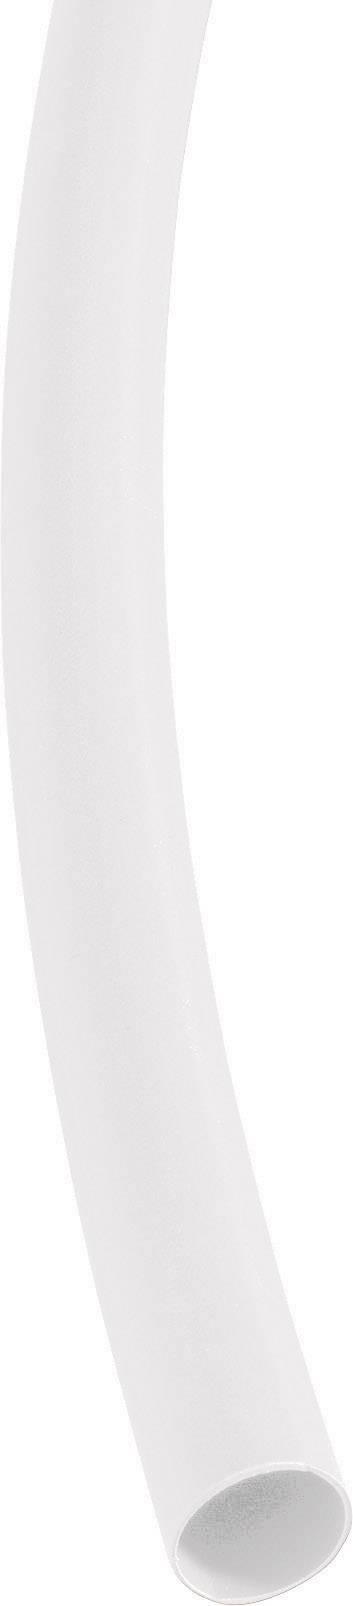 Zmršťovacie bužírky nelepiace DSG Canusa DERAY-I3000 3290060903, 3:1, 6.40 mm, biela, metrový tovar